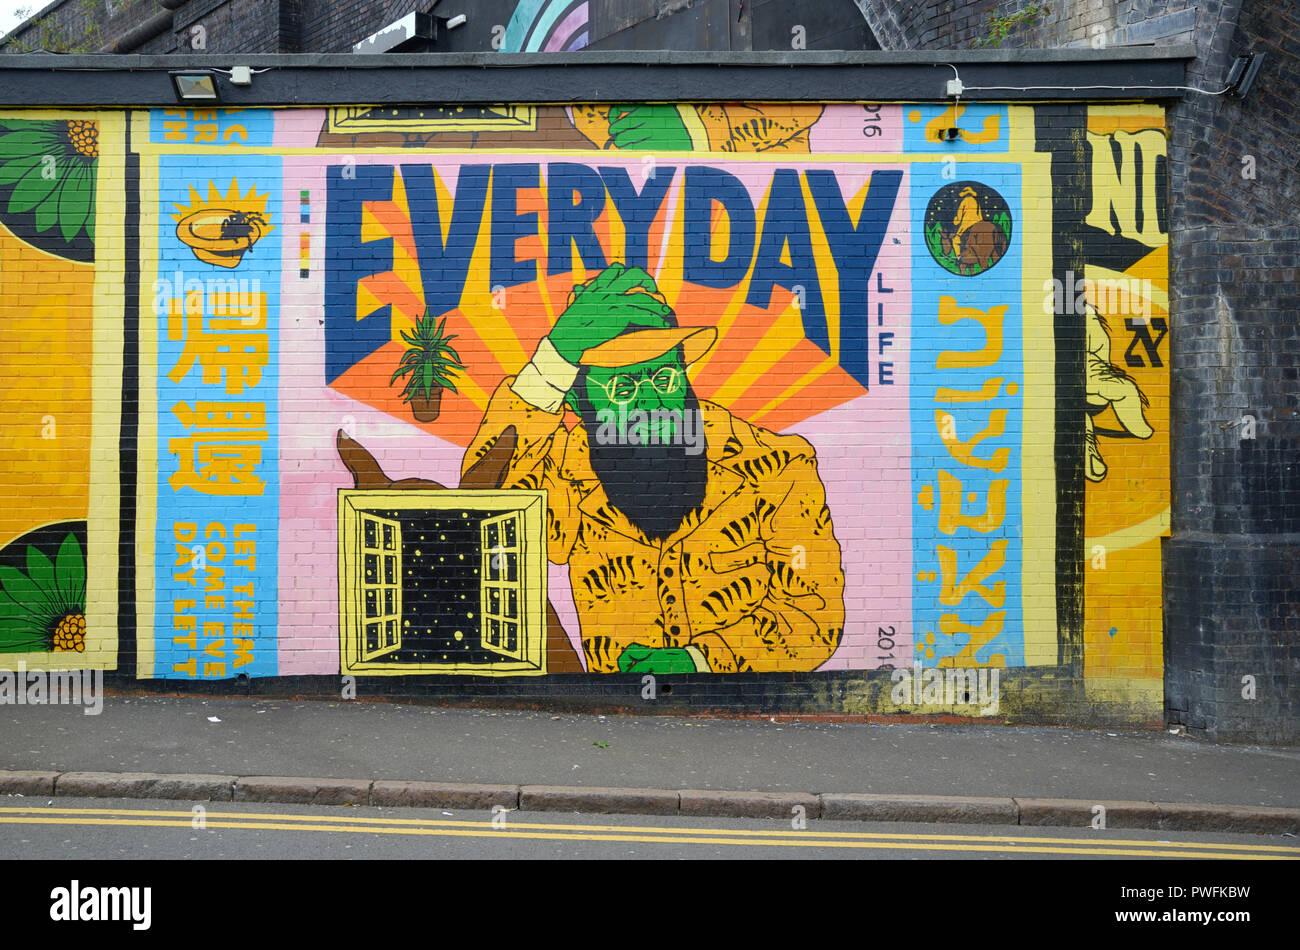 La vita quotidiana Arte di strada o di Pittura Murale Digbeth Birmingham Inghilterra Immagini Stock